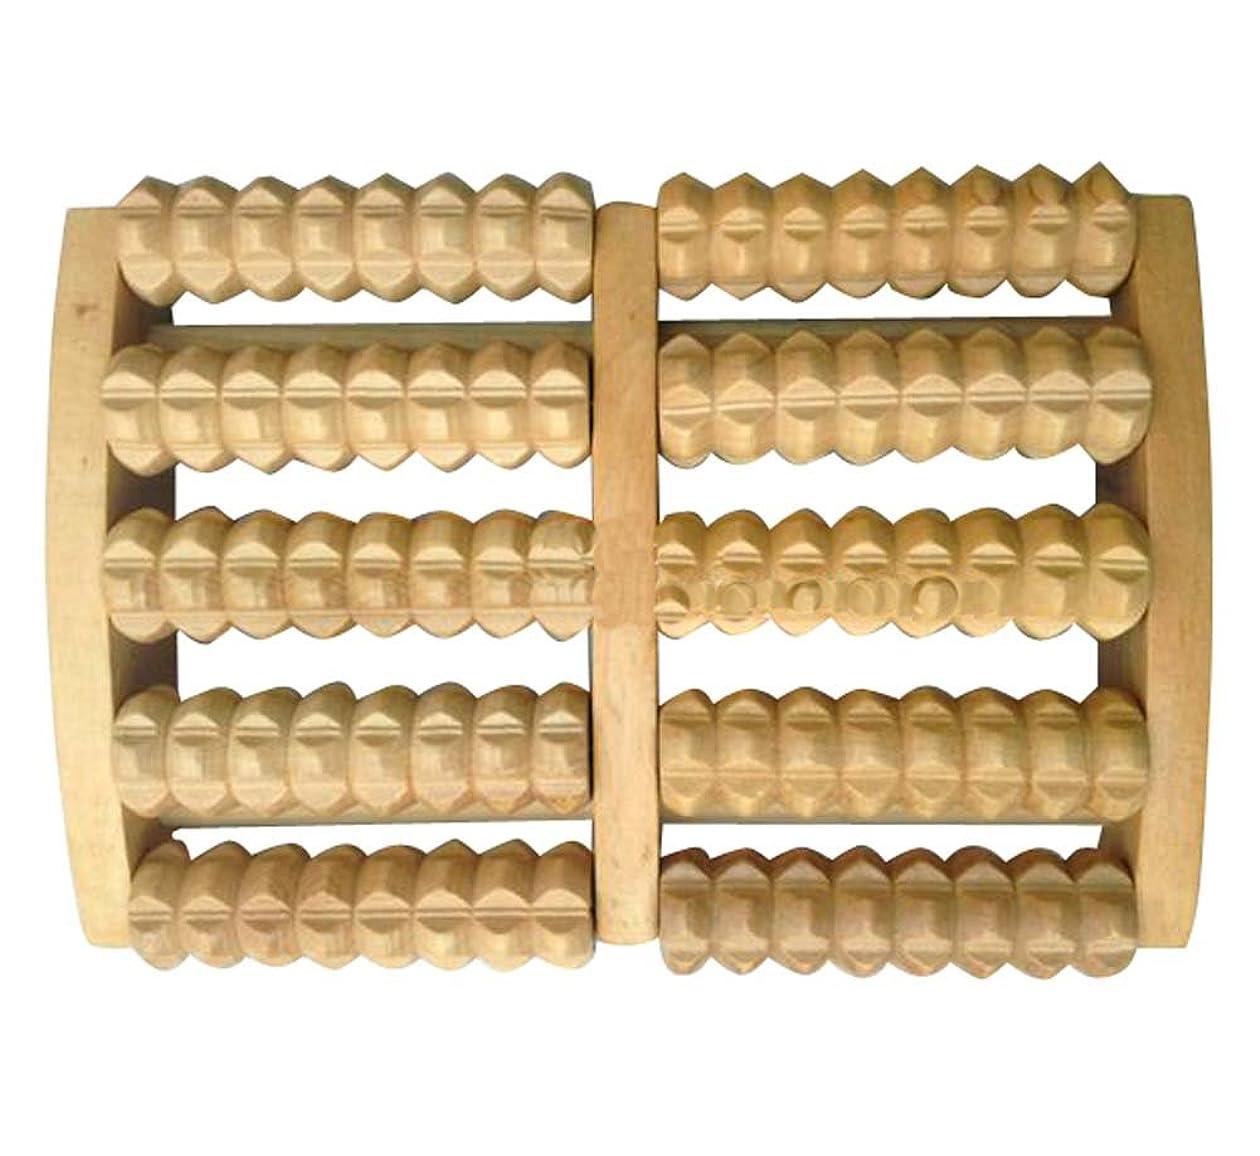 モバイル倫理的メッセンジャー木製フットレストフットマッサージラビングローラーローラー木製マッサージャー-5列